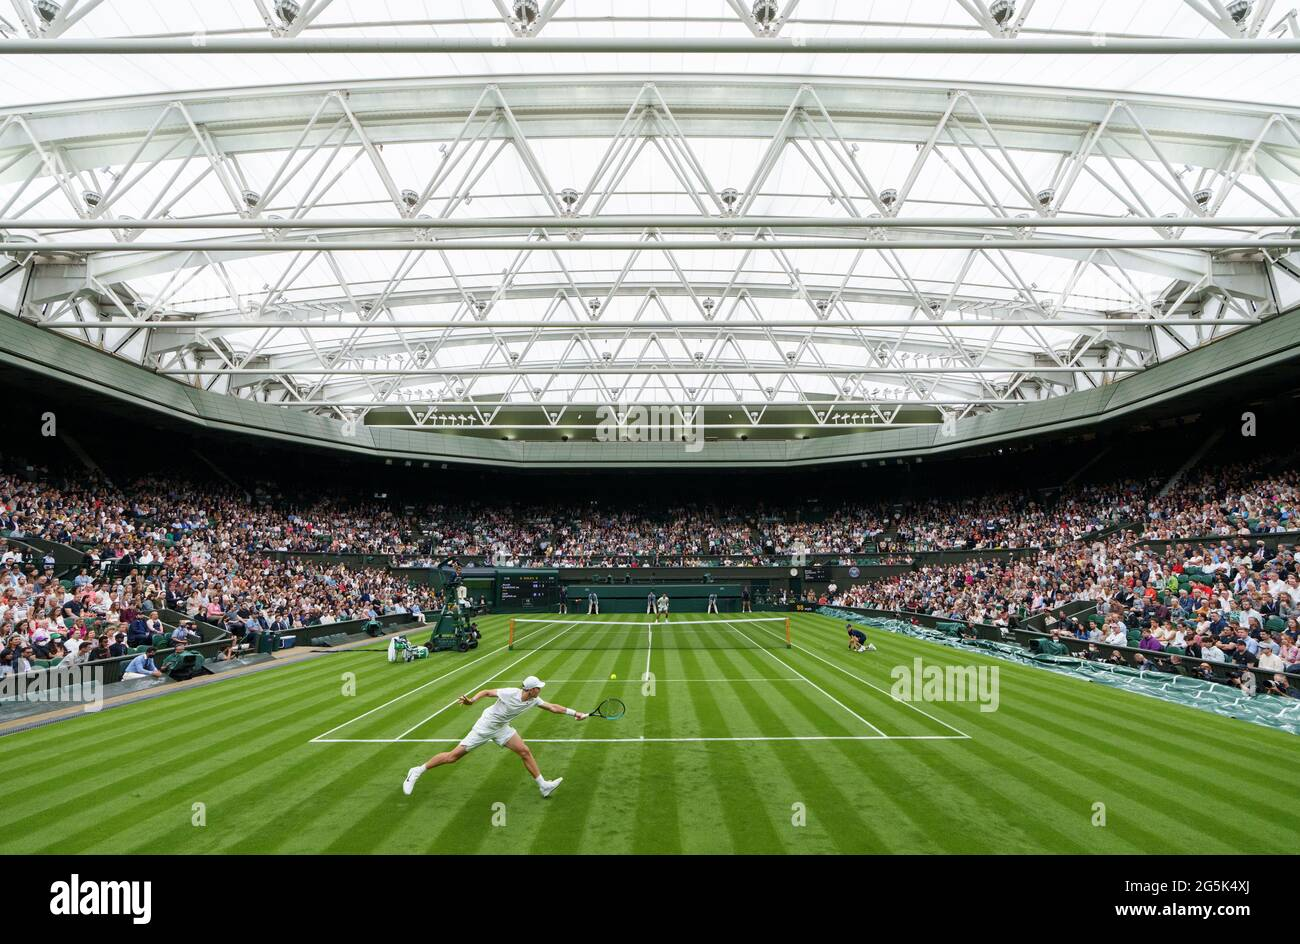 Jack Draper in azione contro Novak Djokovic nel primo round dei Gentlemen's Singles su Center Court il giorno uno di Wimbledon presso l'All England Lawn Tennis and Croquet Club, Wimbledon. Data immagine: Lunedì 28 giugno 2021. Foto Stock